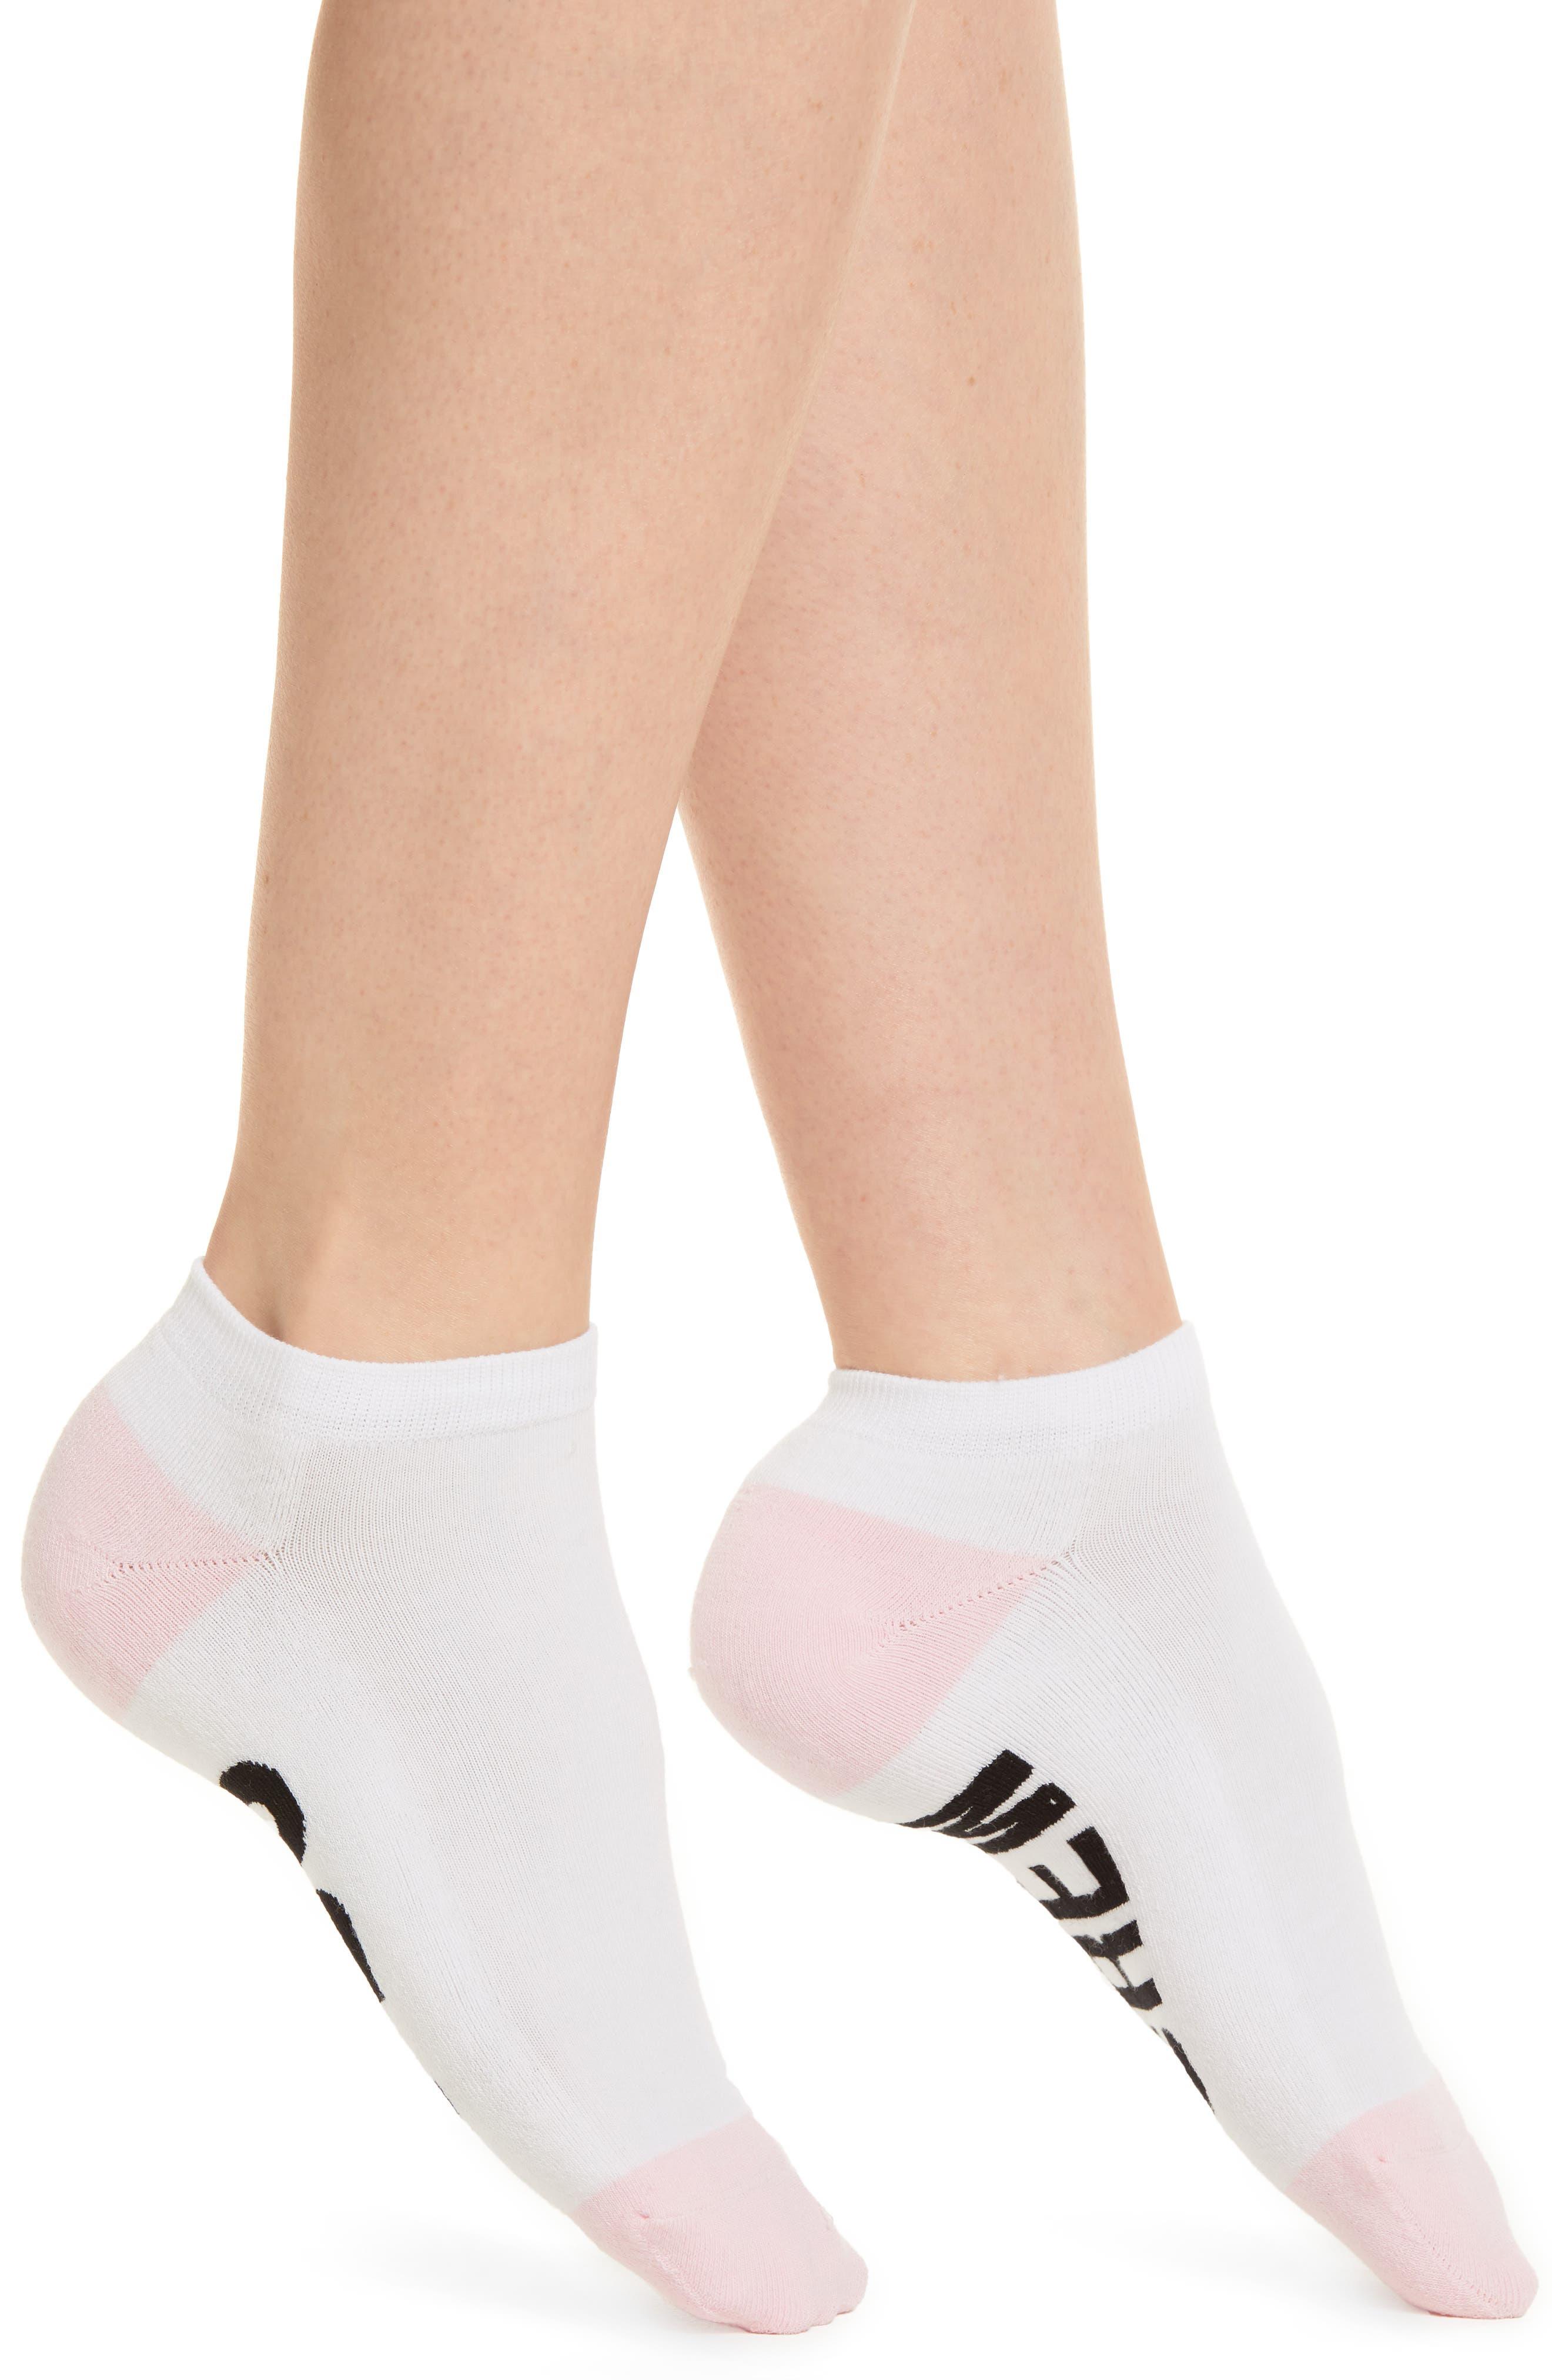 I Do Crew Low-Cut Socks,                             Main thumbnail 1, color,                             White